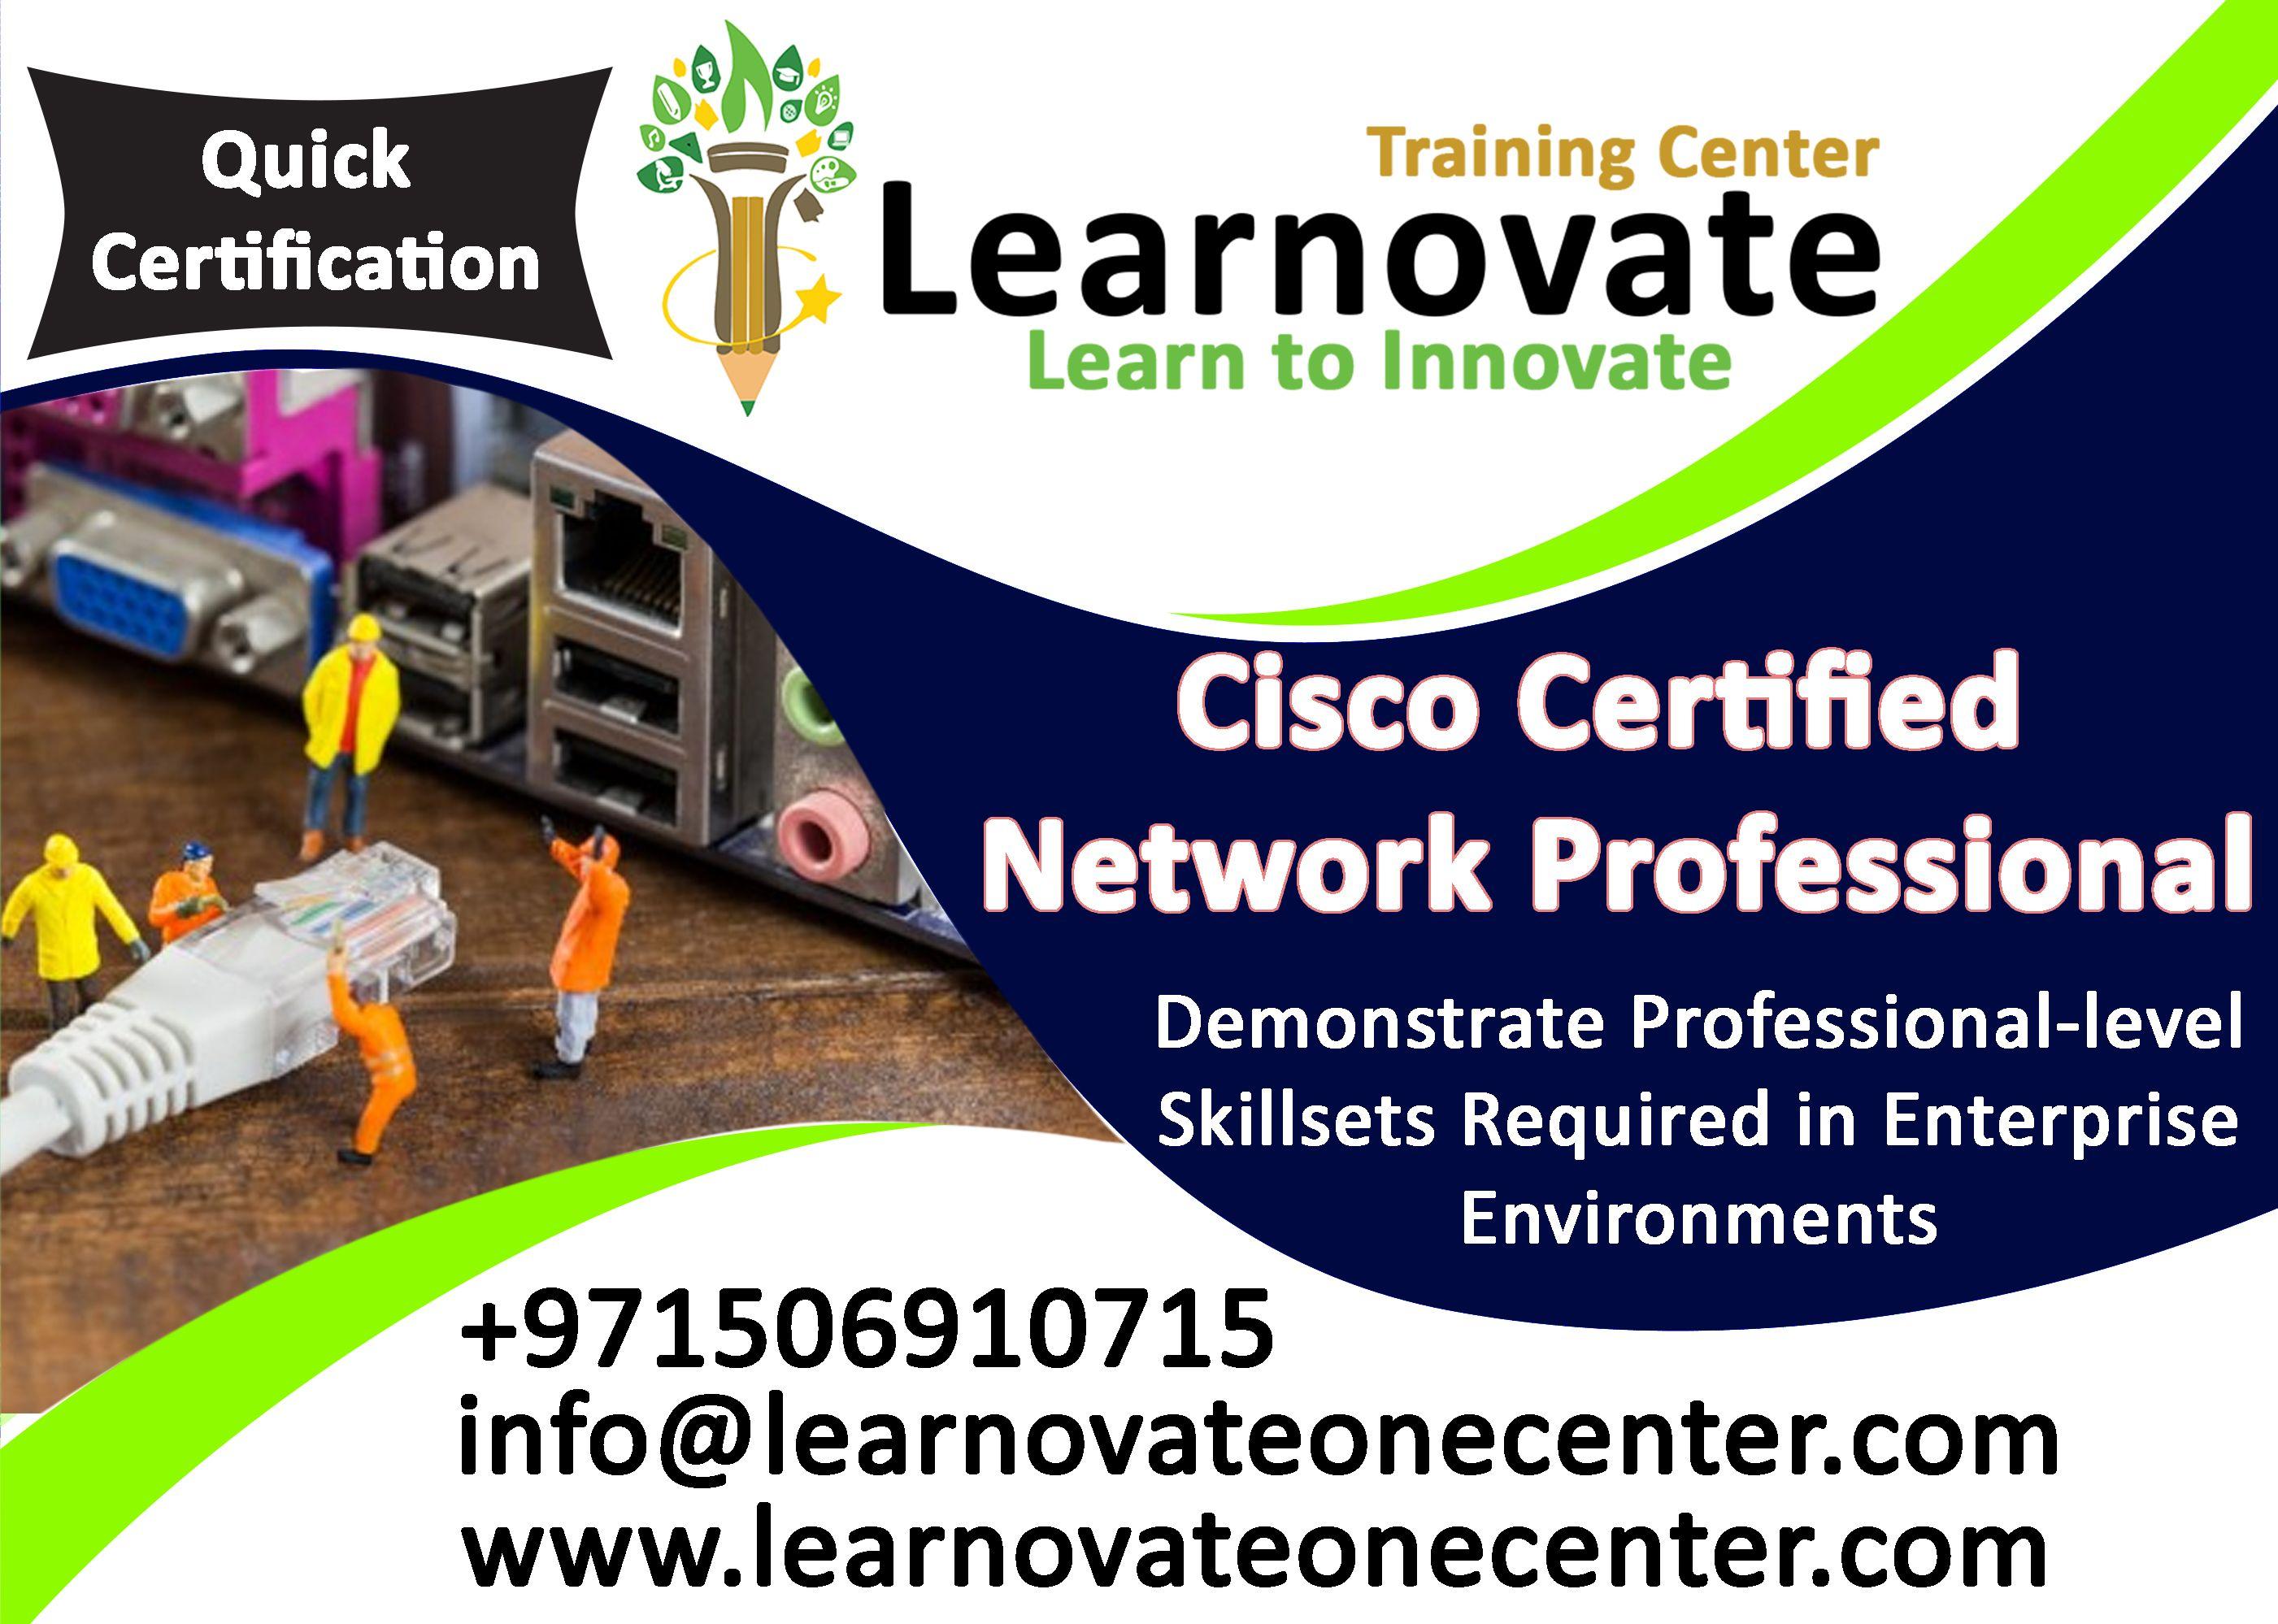 CCNP Course Dubai Ccna training, Training center, Ccna exam